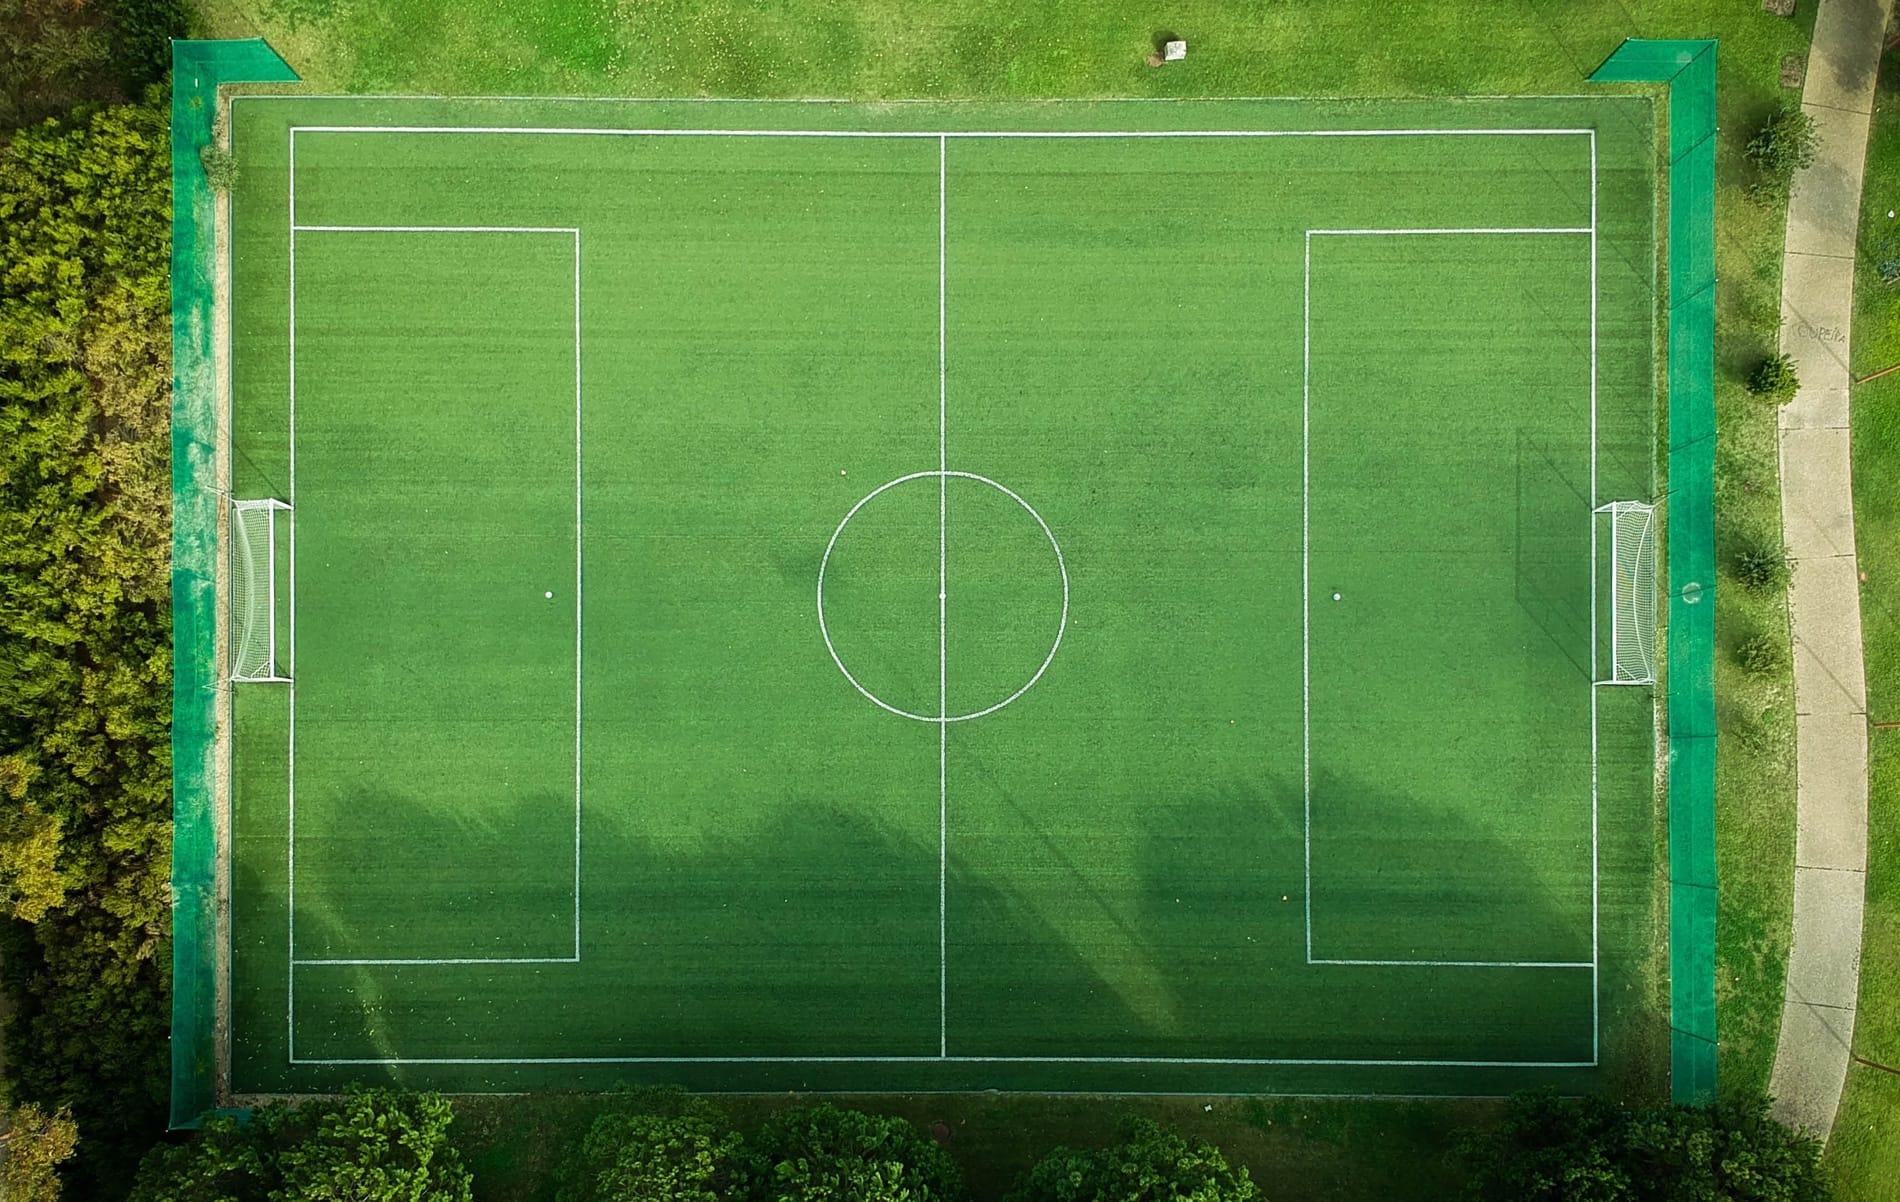 FAI Latest: A safer return to football